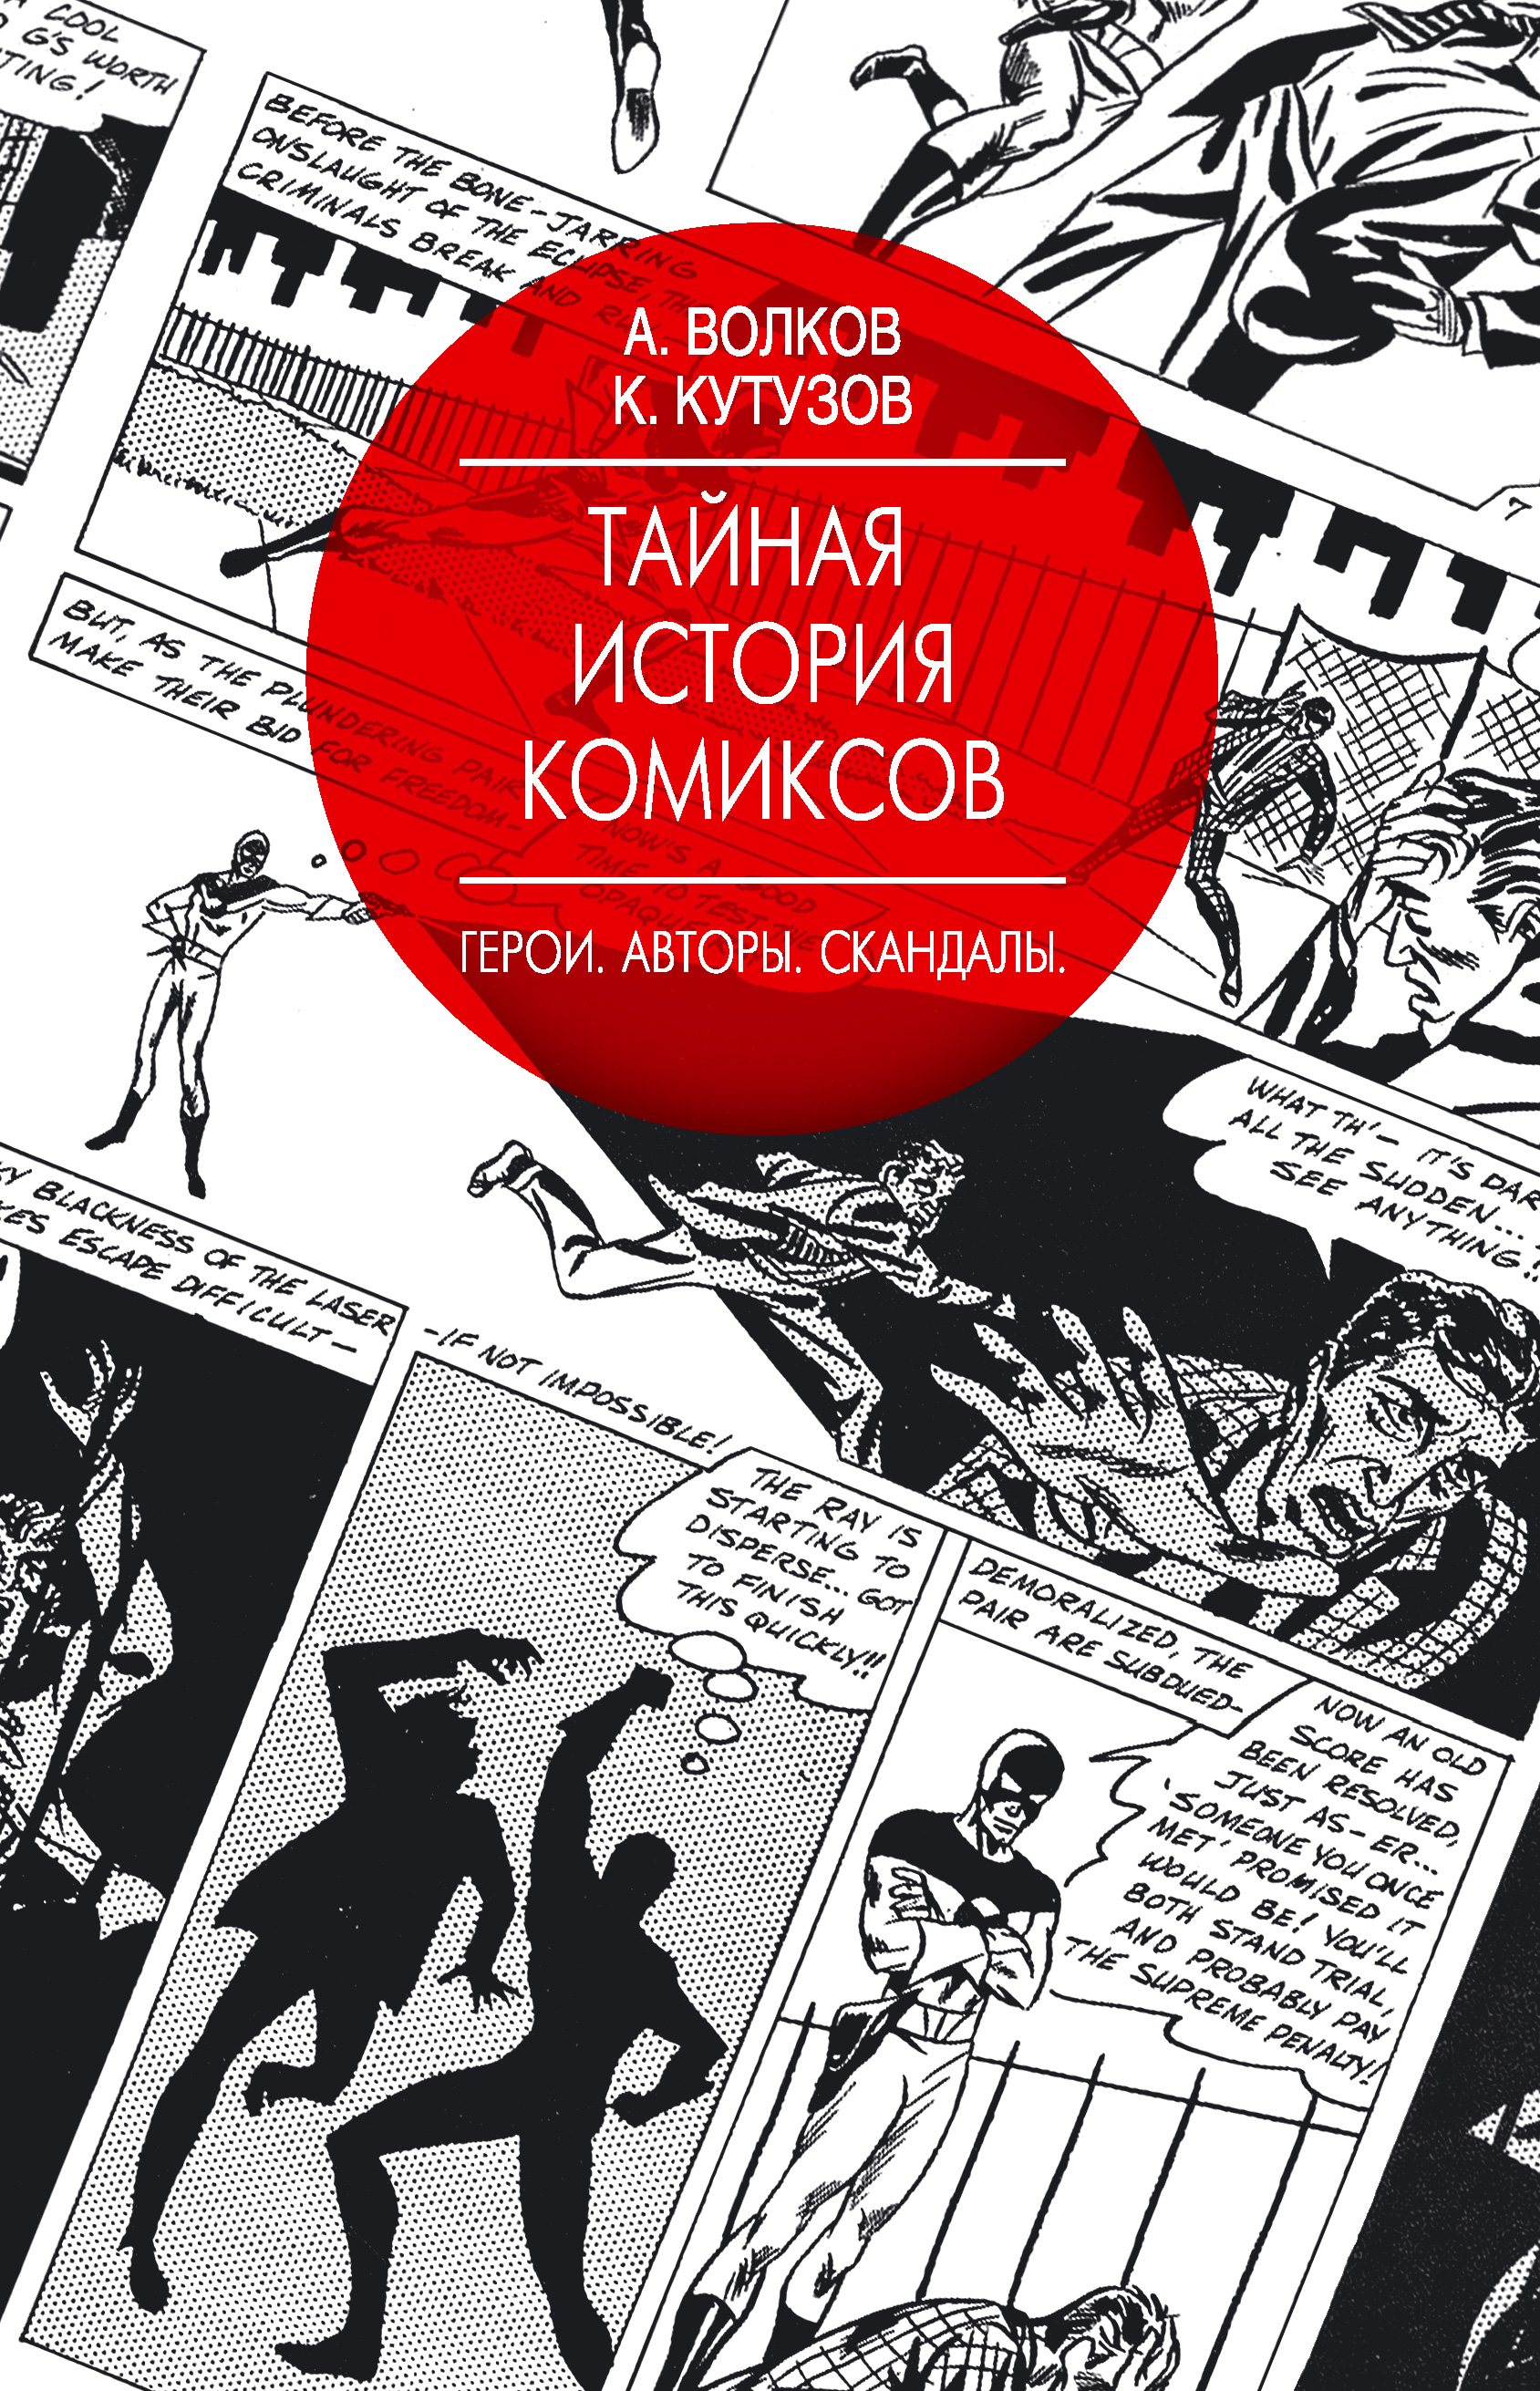 Тайная история комиксов. Герои. Авторы. Скандалы f6b44bed9492c